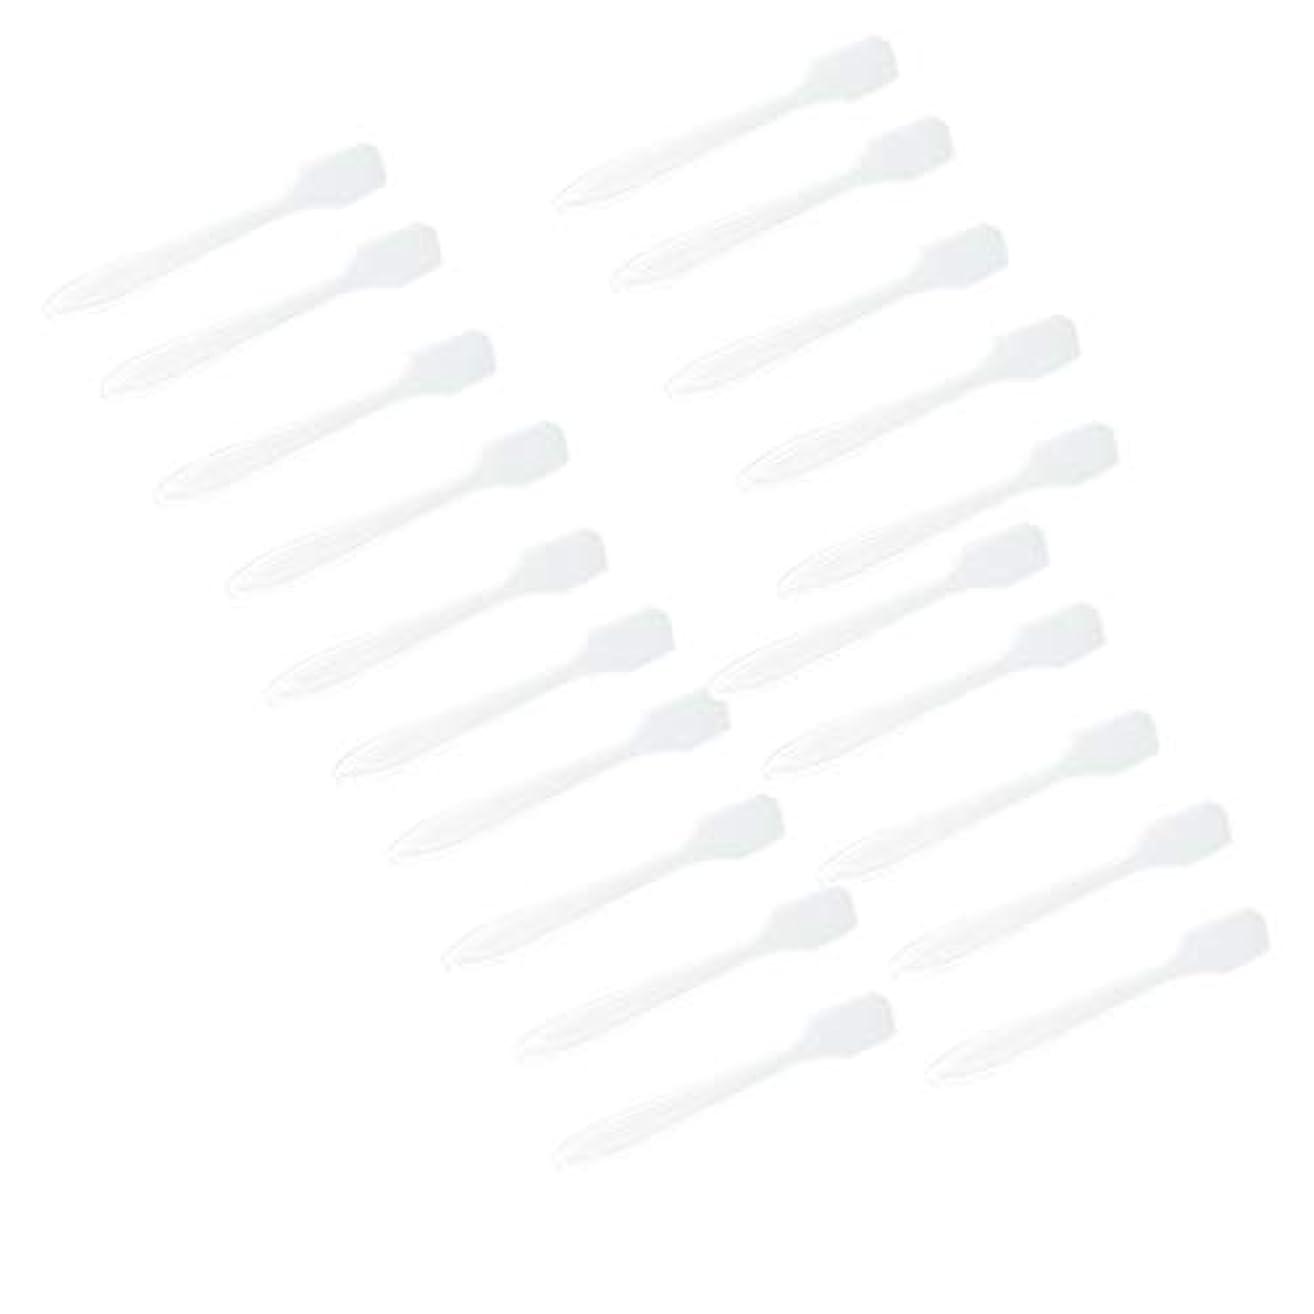 流用する住人希少性5色 100点 フェイシャル クリーム マスクスプーン 化粧品へら 女性美容ツール - クリア